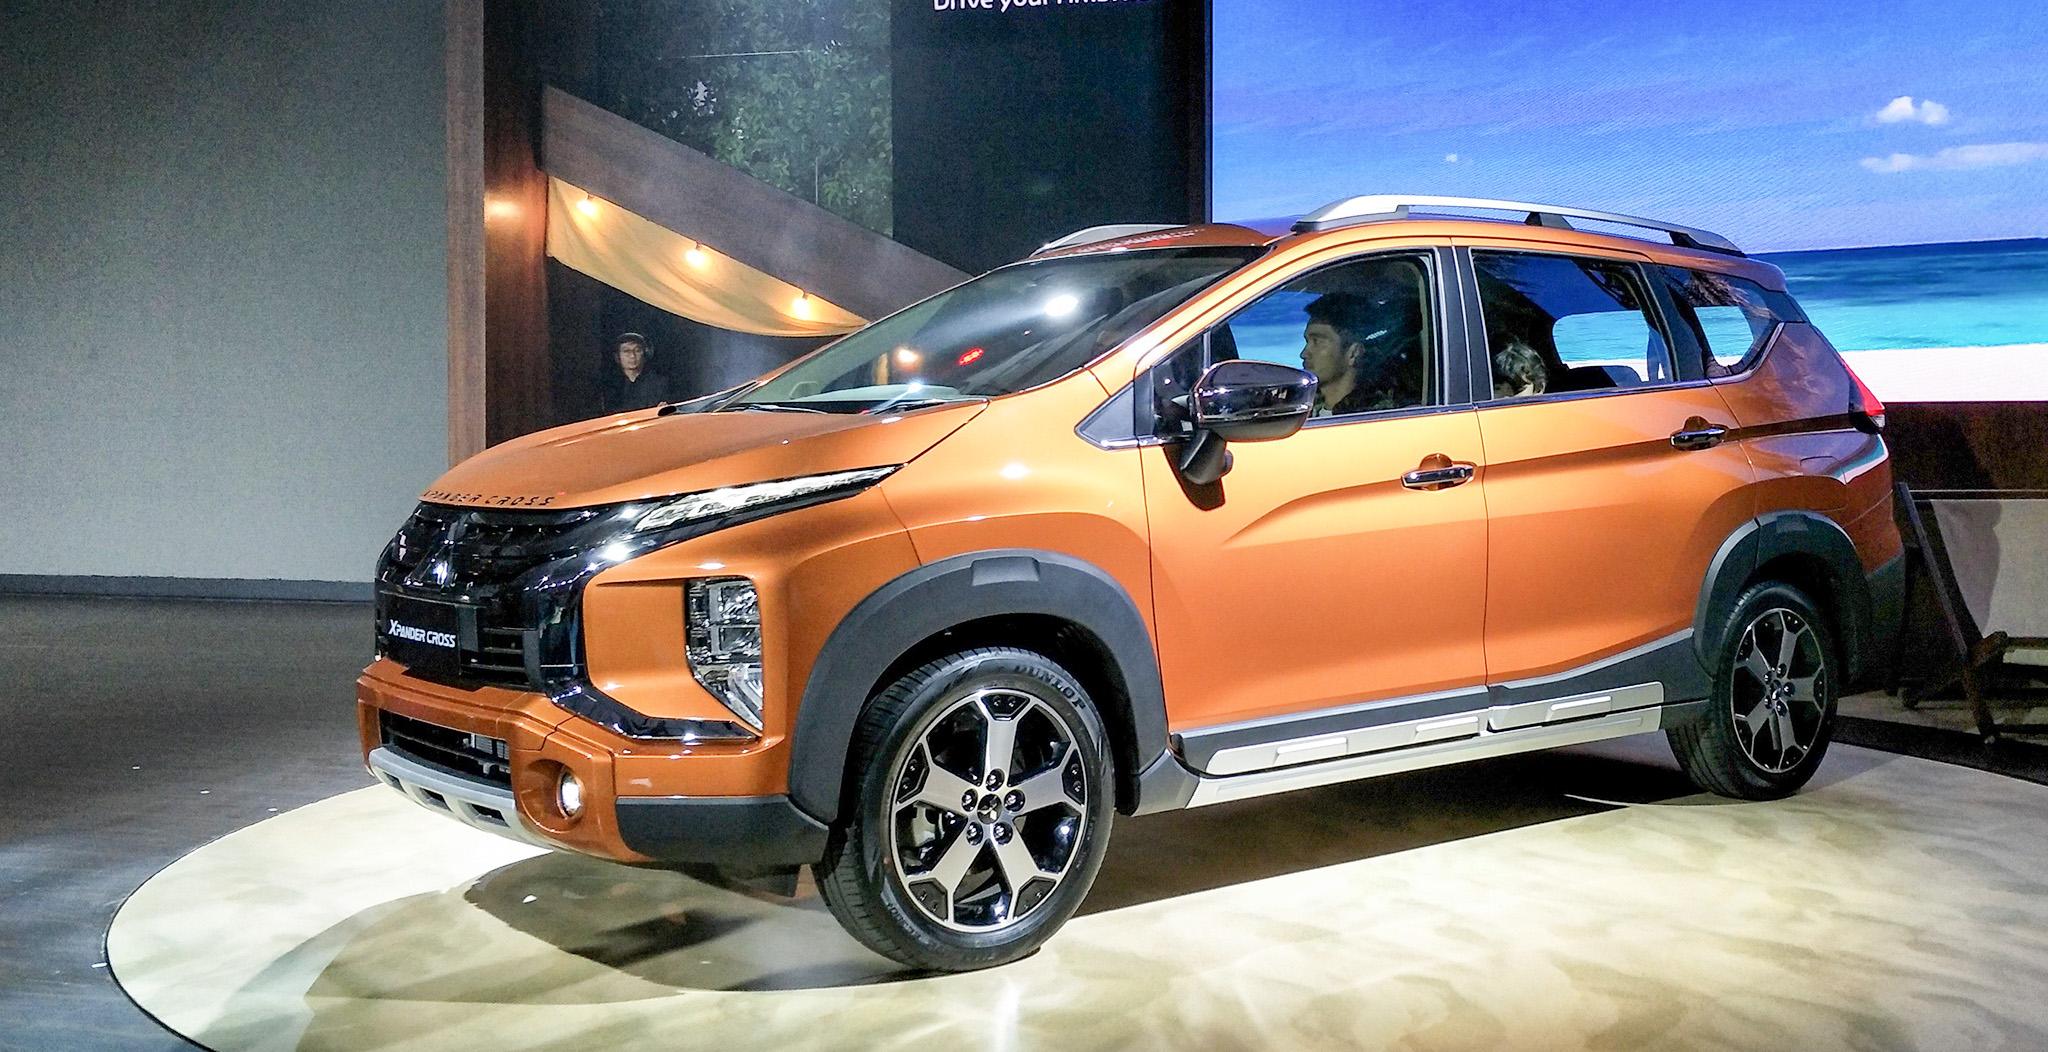 6 10 - Đánh giá xe Mitsubishi Xpander Cross 2021, Có nên mua hay không?